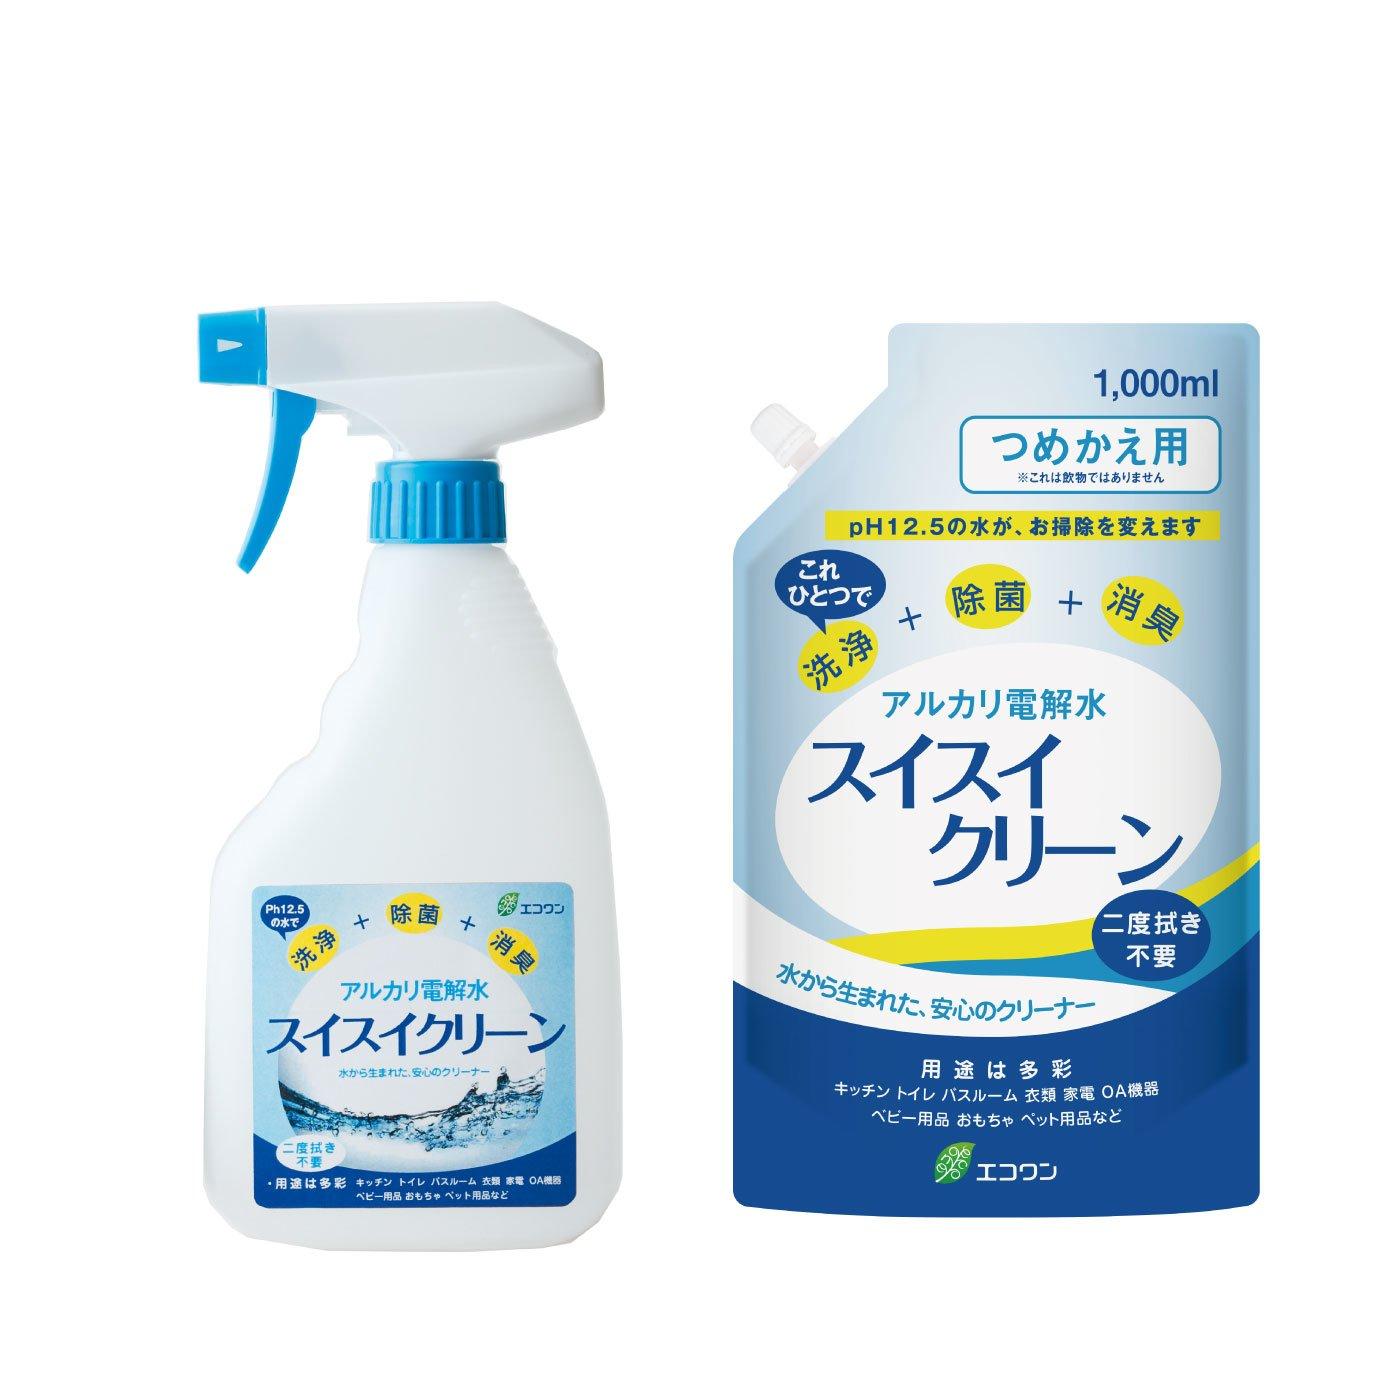 洗浄・除菌・消臭 スイスイクリーン〈スプレー+詰め替えセット〉